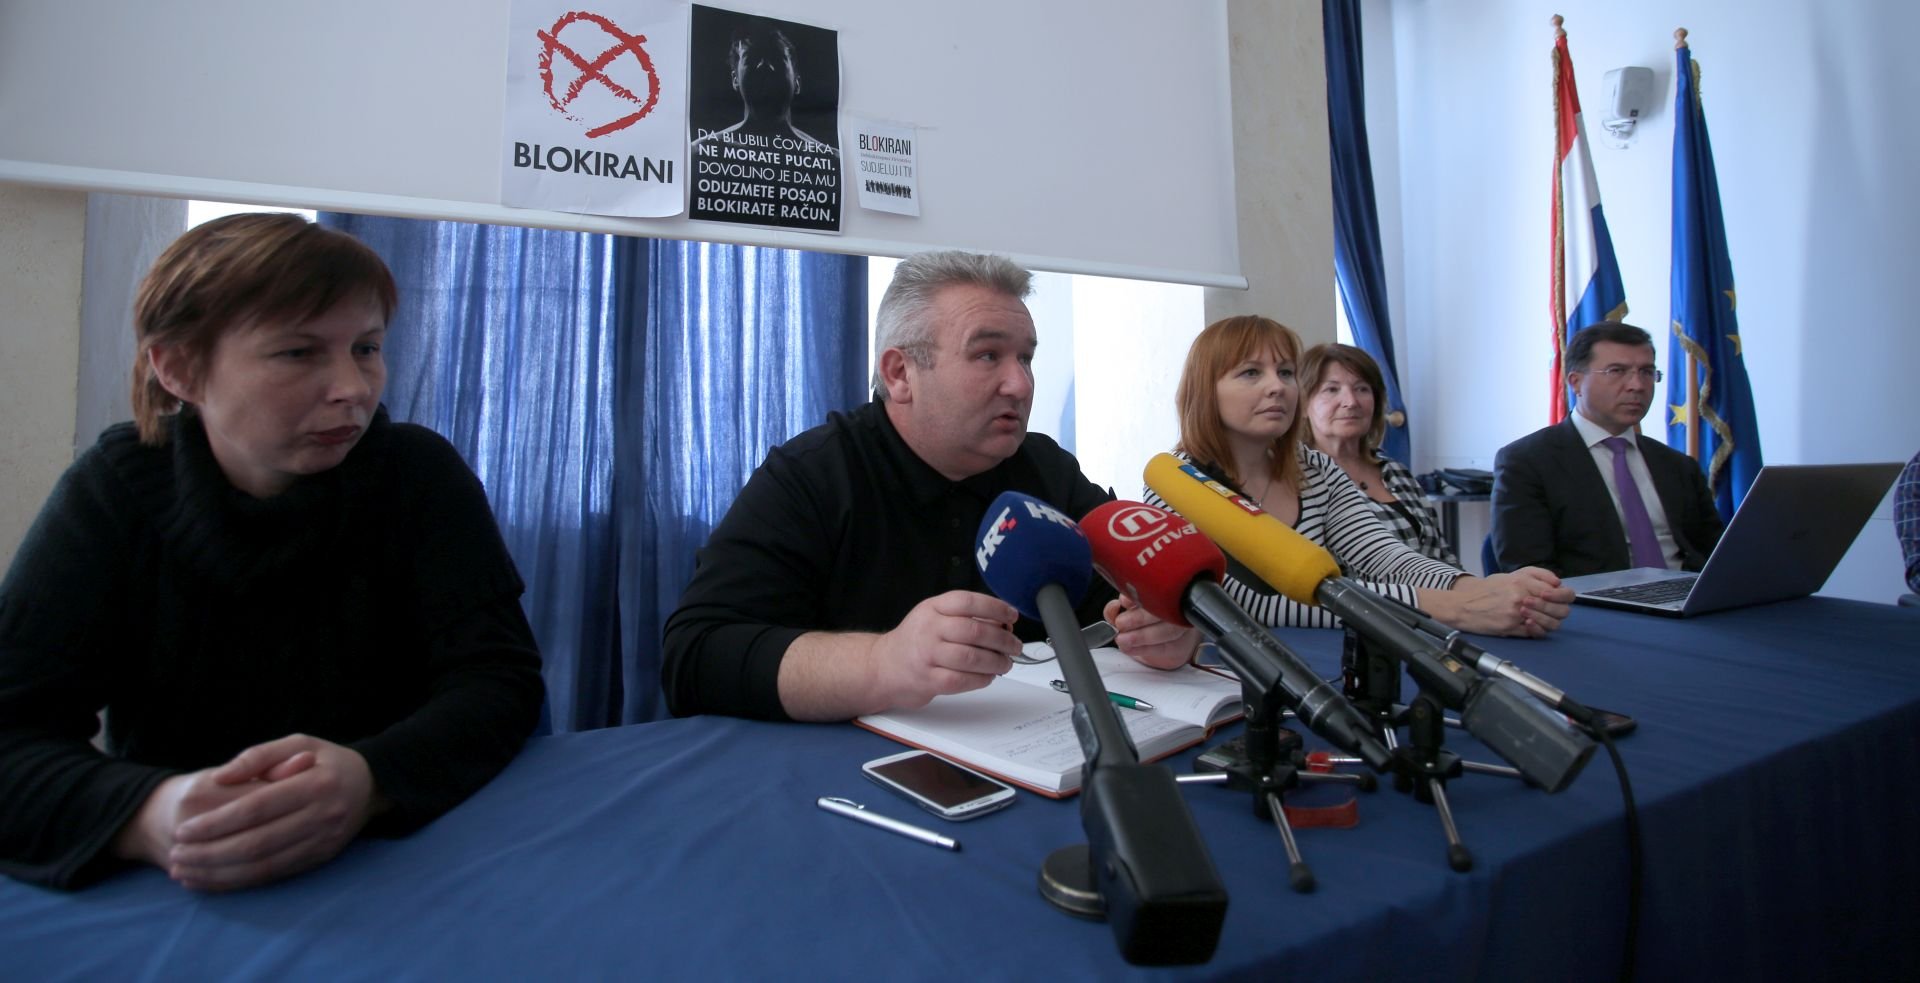 IZBORI 2015. Blokirani najavili da će s HDZ-om pokrenuti promjenu Ovršnog zakona; pozvali birače na potporu